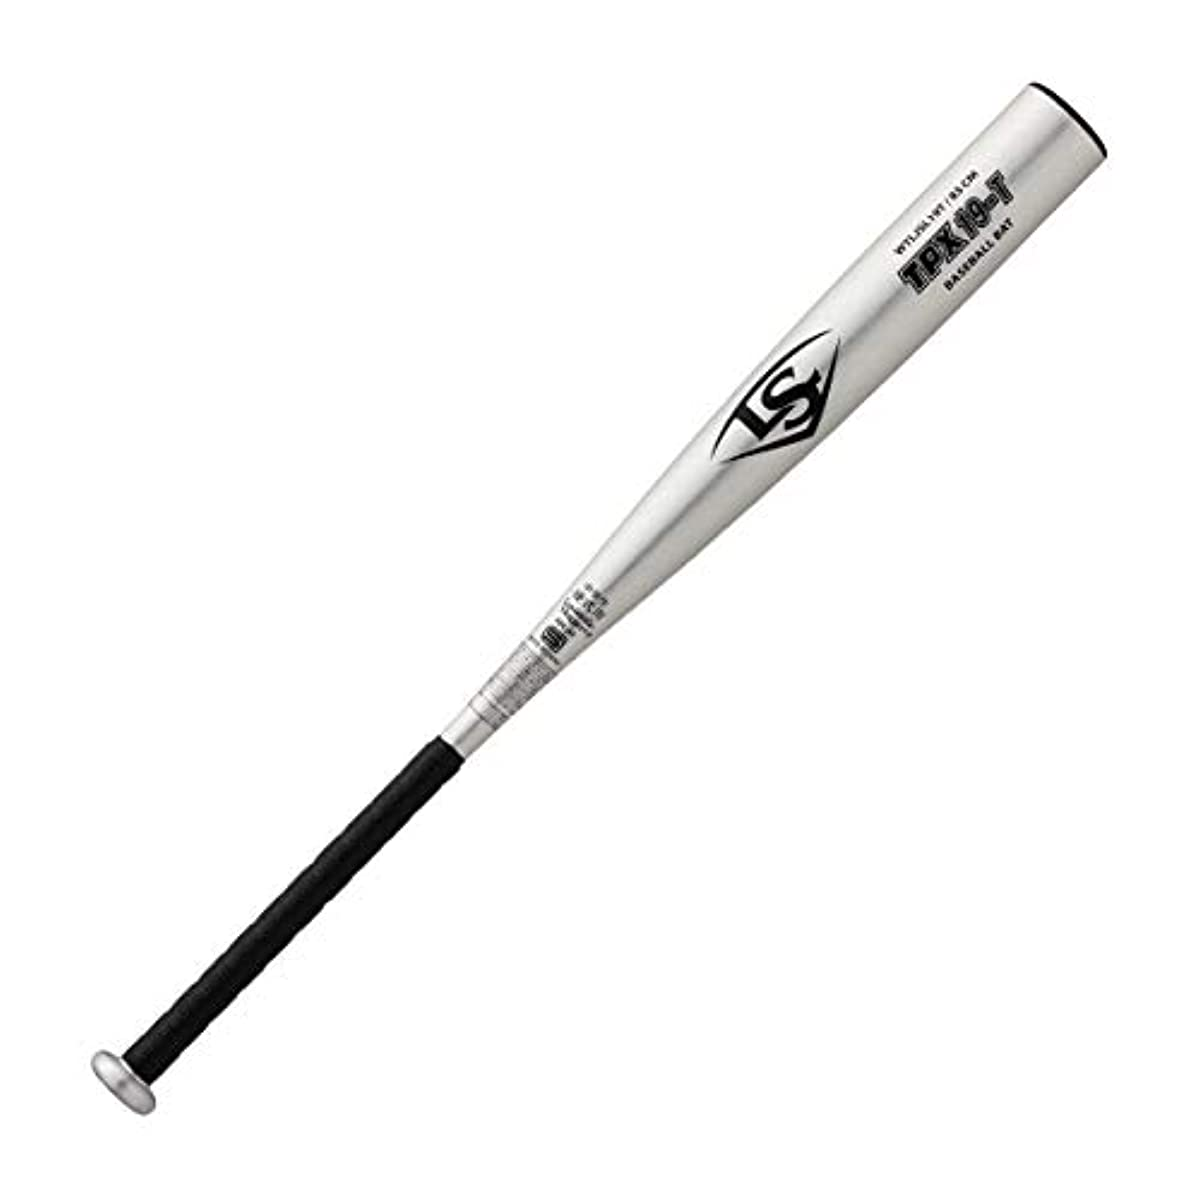 [해외] LOUISVILLE SLUGGER루이스 빌 슬러거 야구 경식용 배트 TPX티 pea X 중학생용 19M 19T 퍼터입/사이즈 베리에이션 있음/실버 블랙